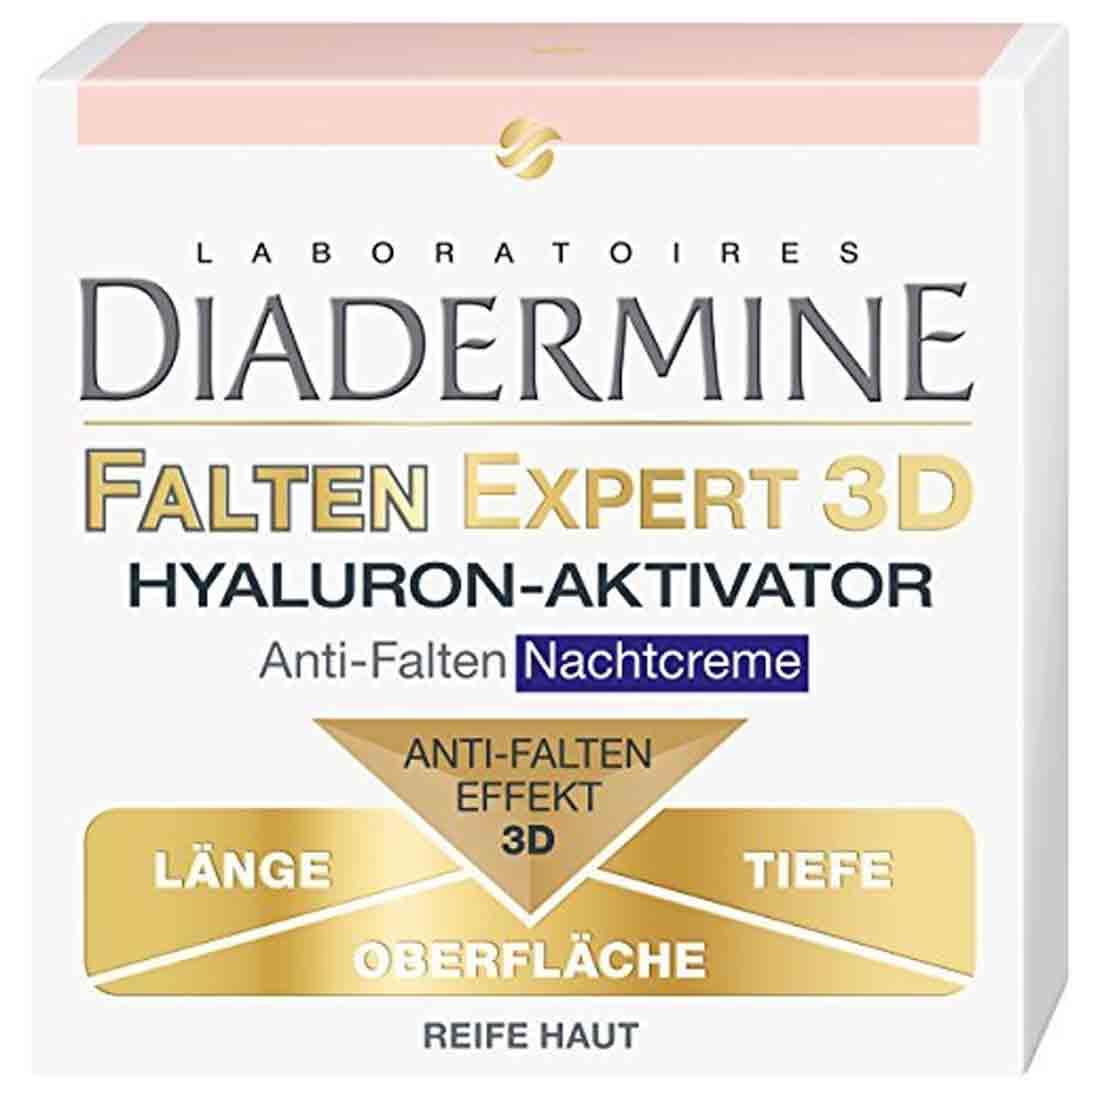 کرم شب دیادرمین Diadermine مدل Expert 3D